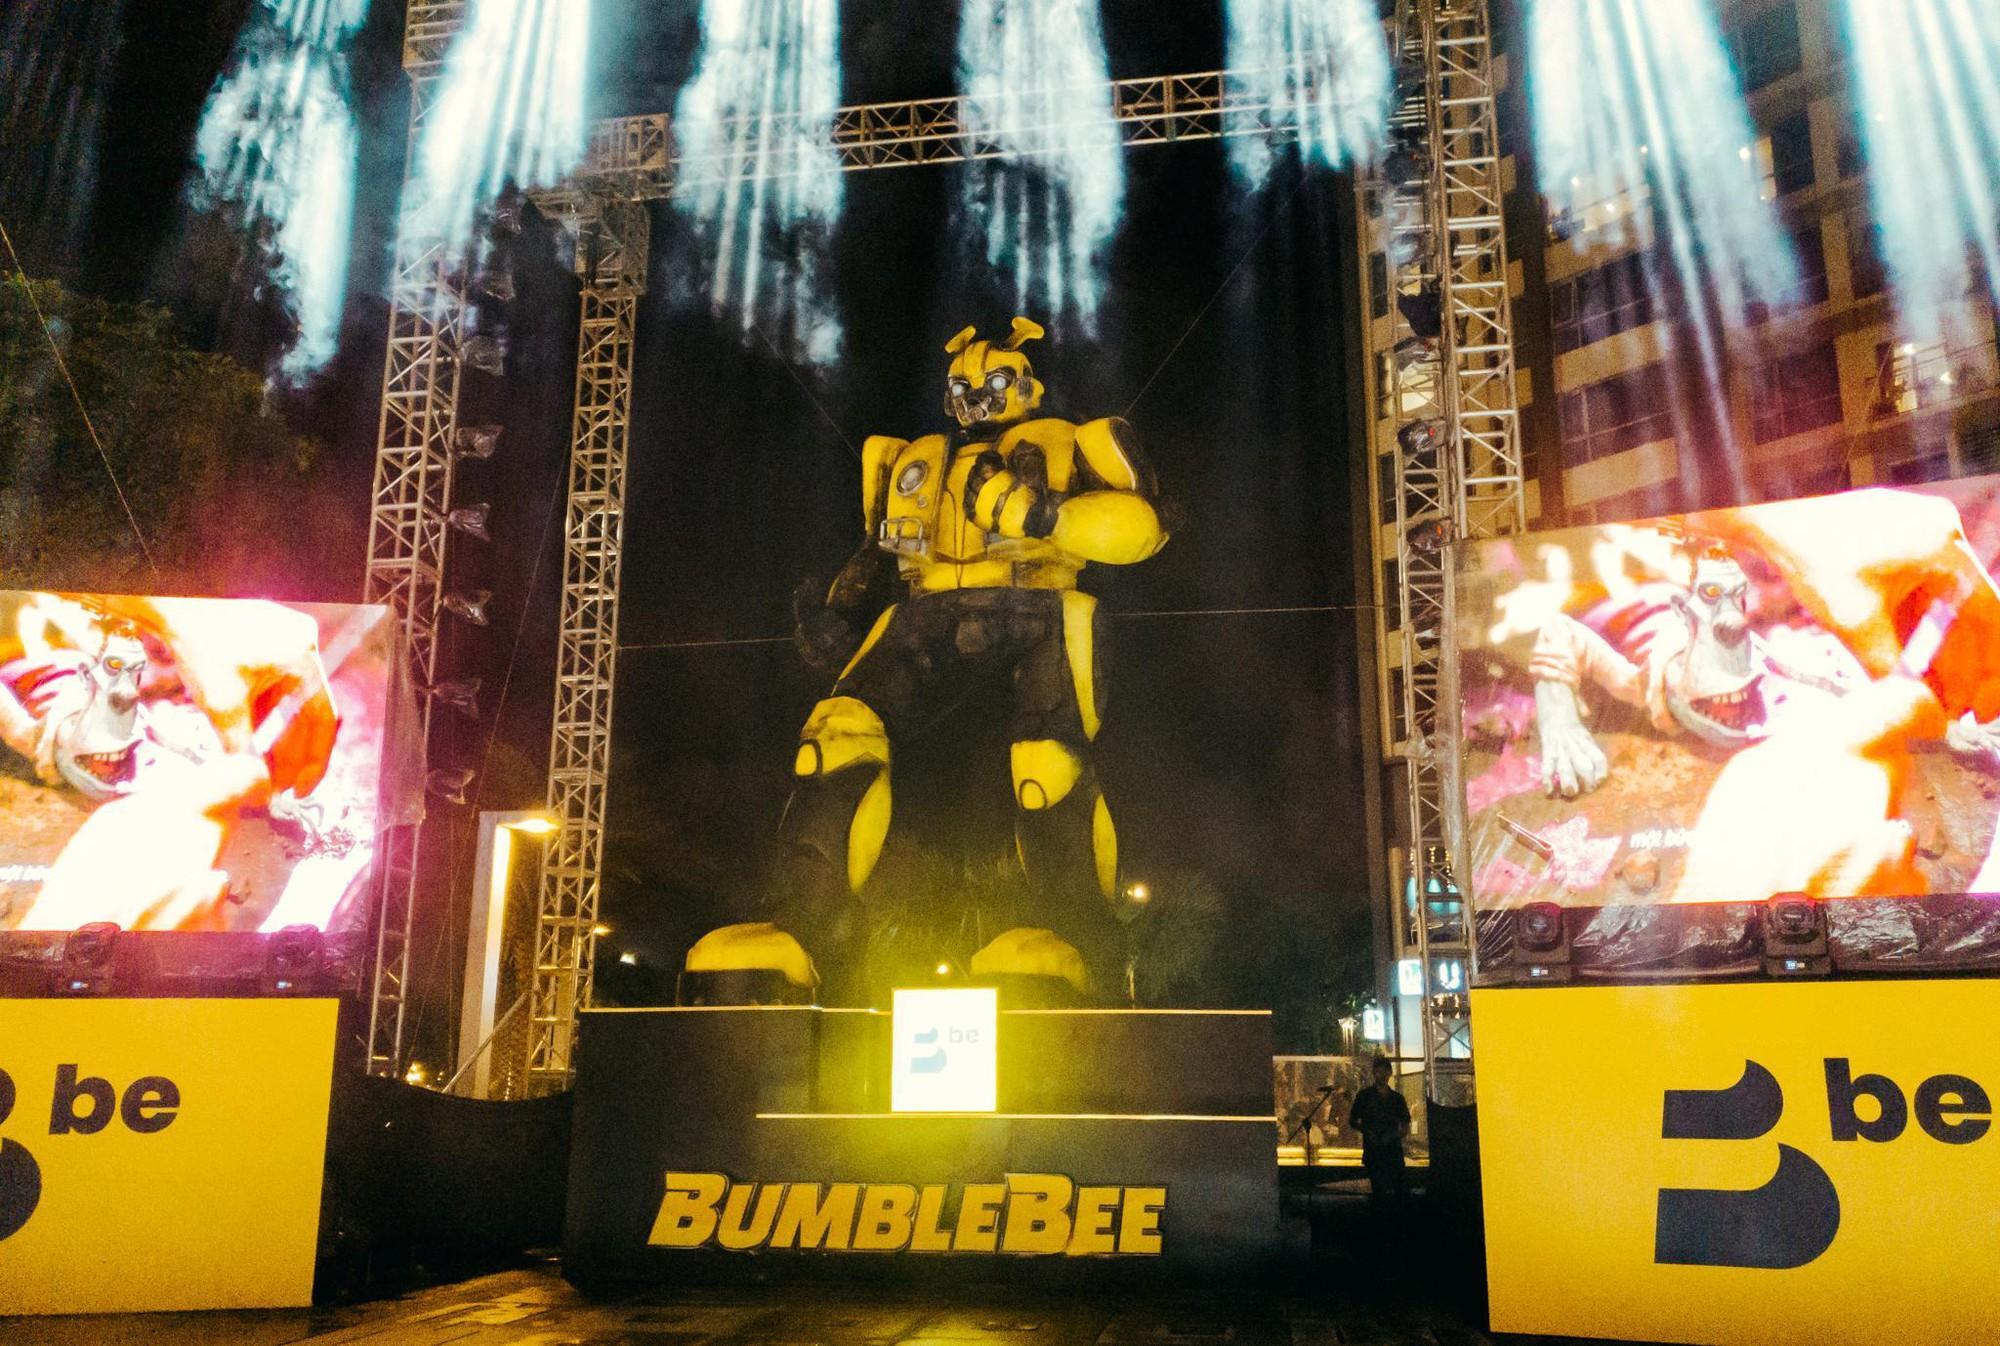 Choáng ngợp với mô hình Bumblebee lớn nhất tại Việt Nam - Ảnh 7.